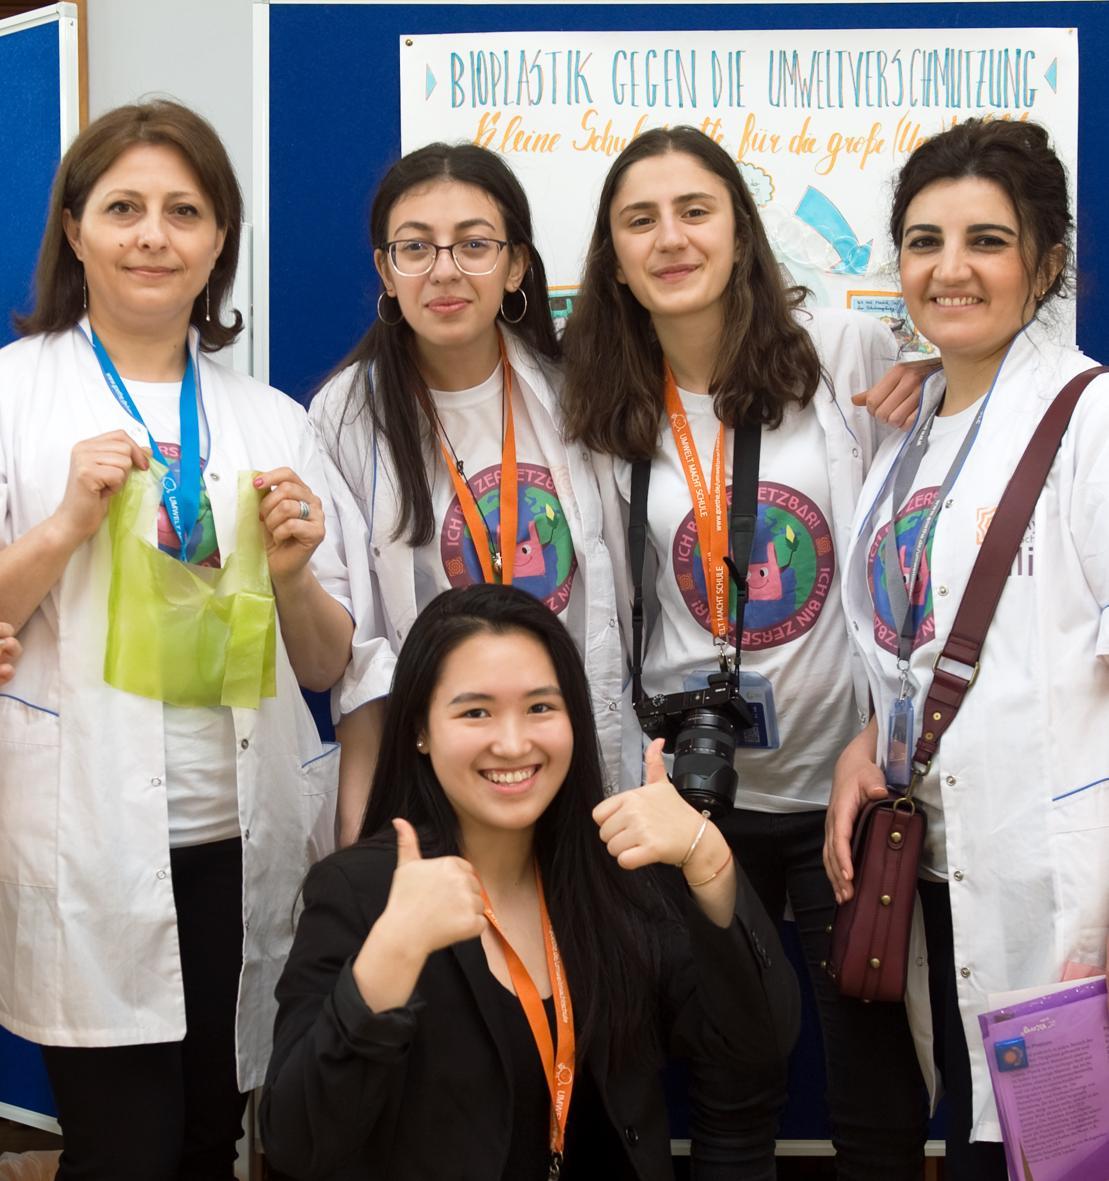 5 экологических инициатив Гёте-Института в России